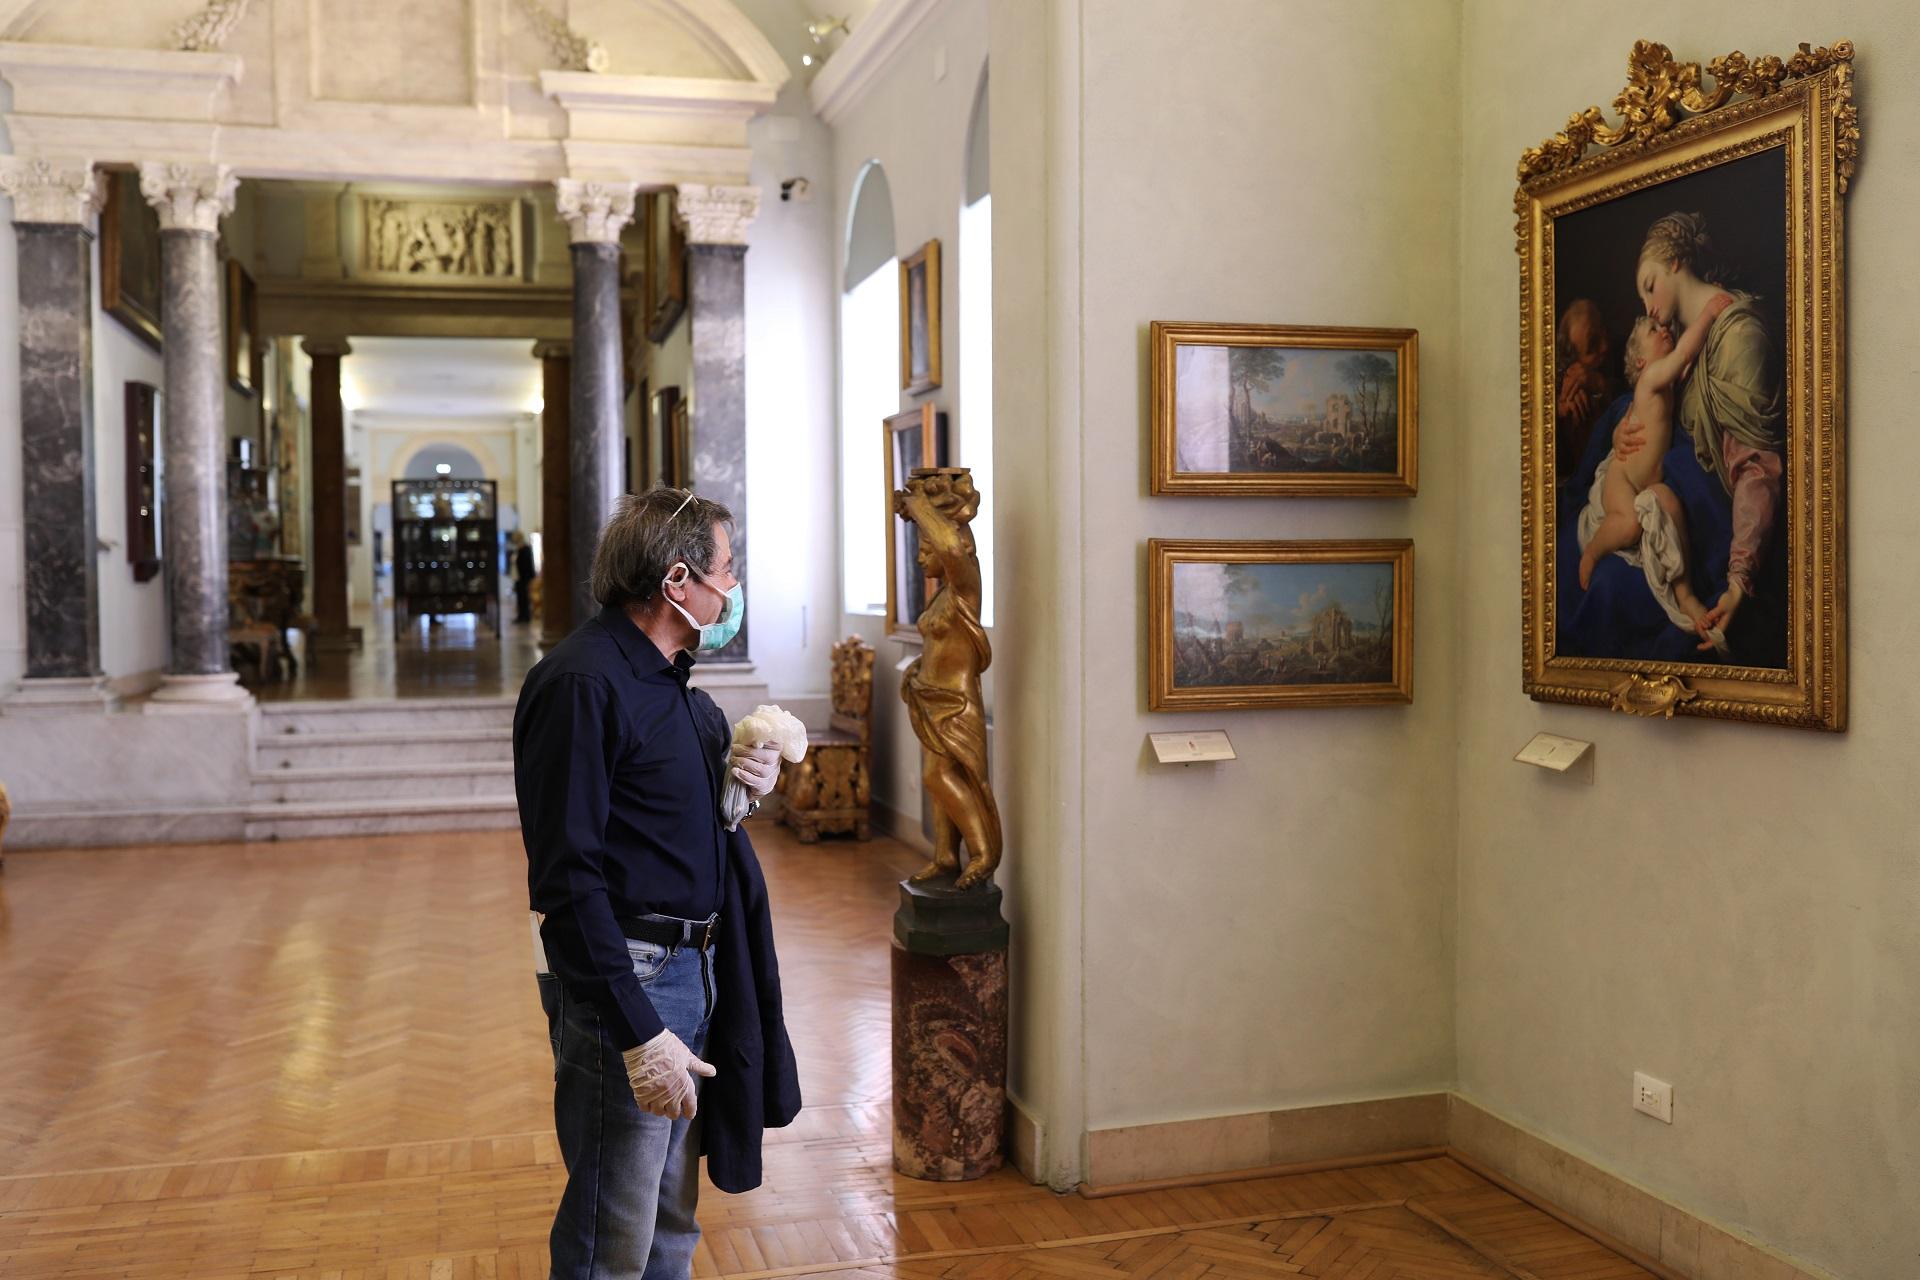 Giornata internazionale dei musei, un visitatore ai Musei Capitolini